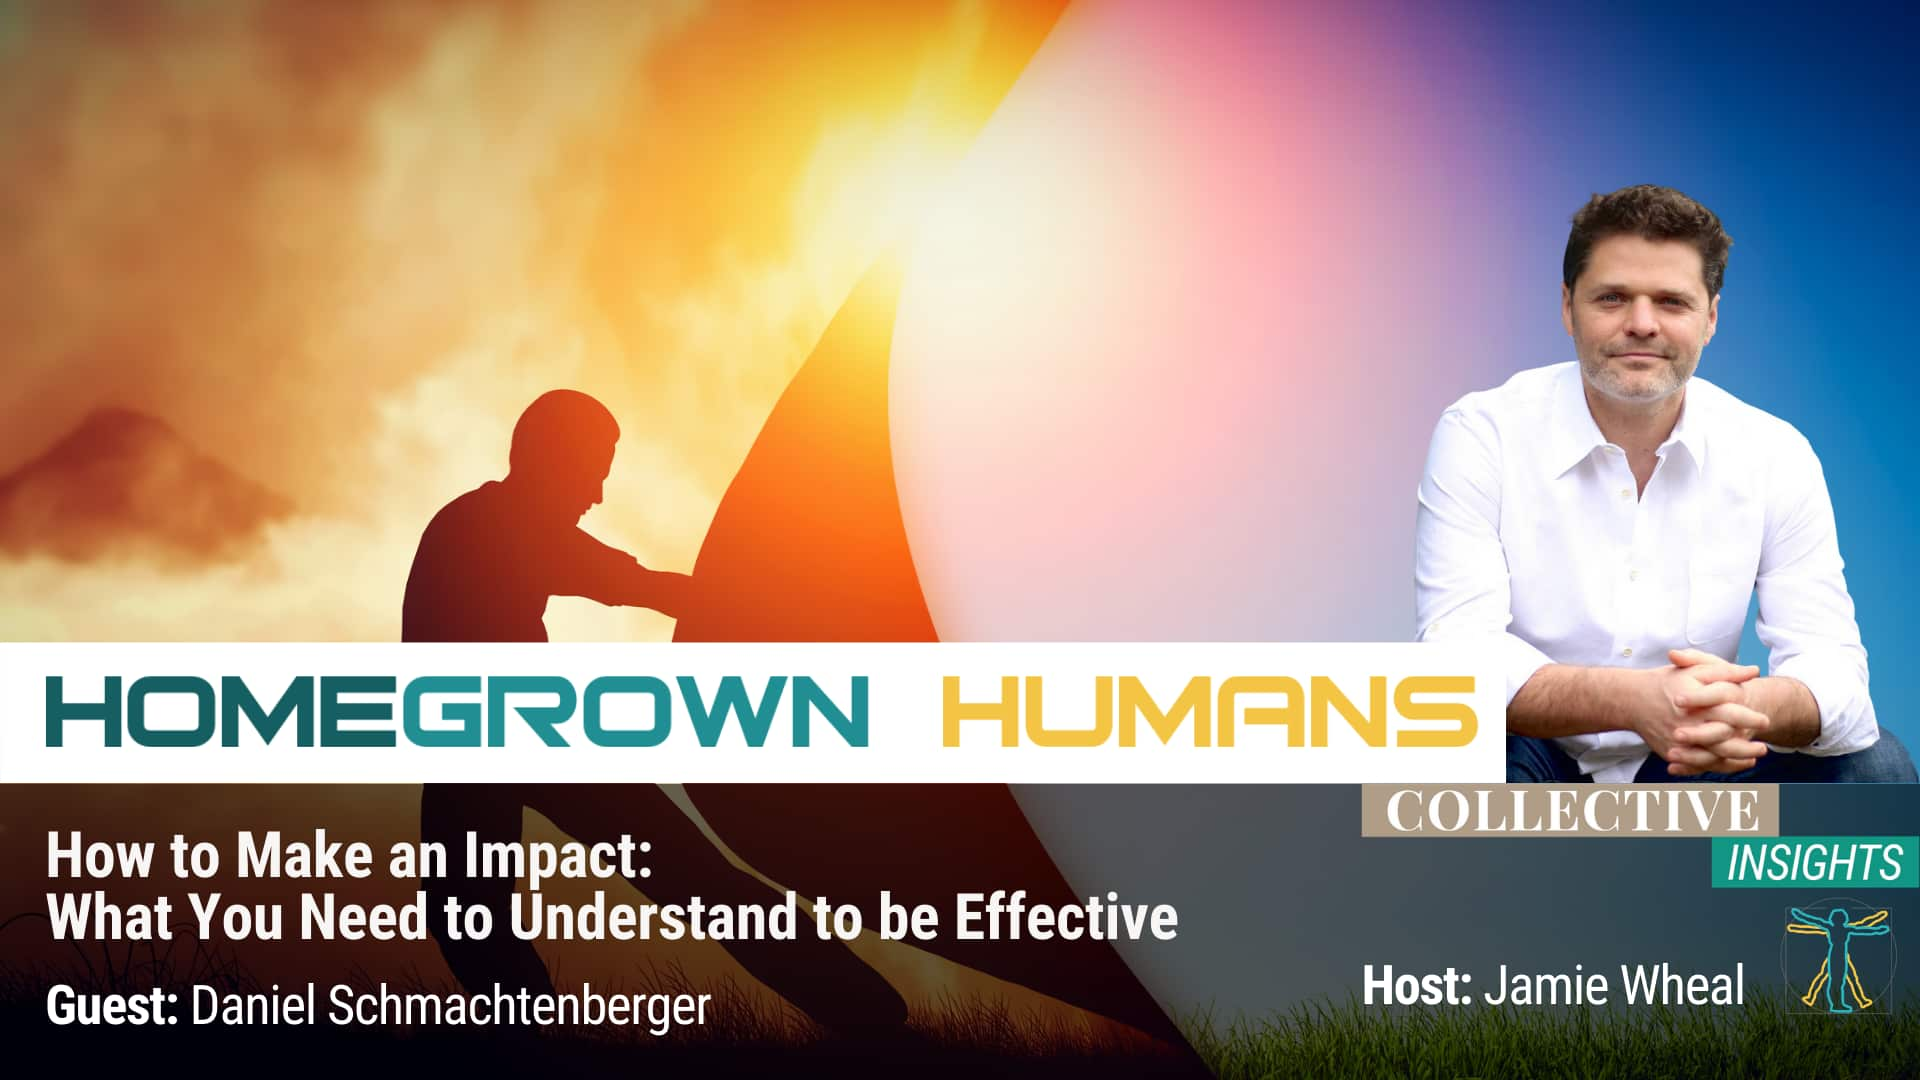 HomeGrown Humans - Daniel Schmachtenberger - Sensemaking